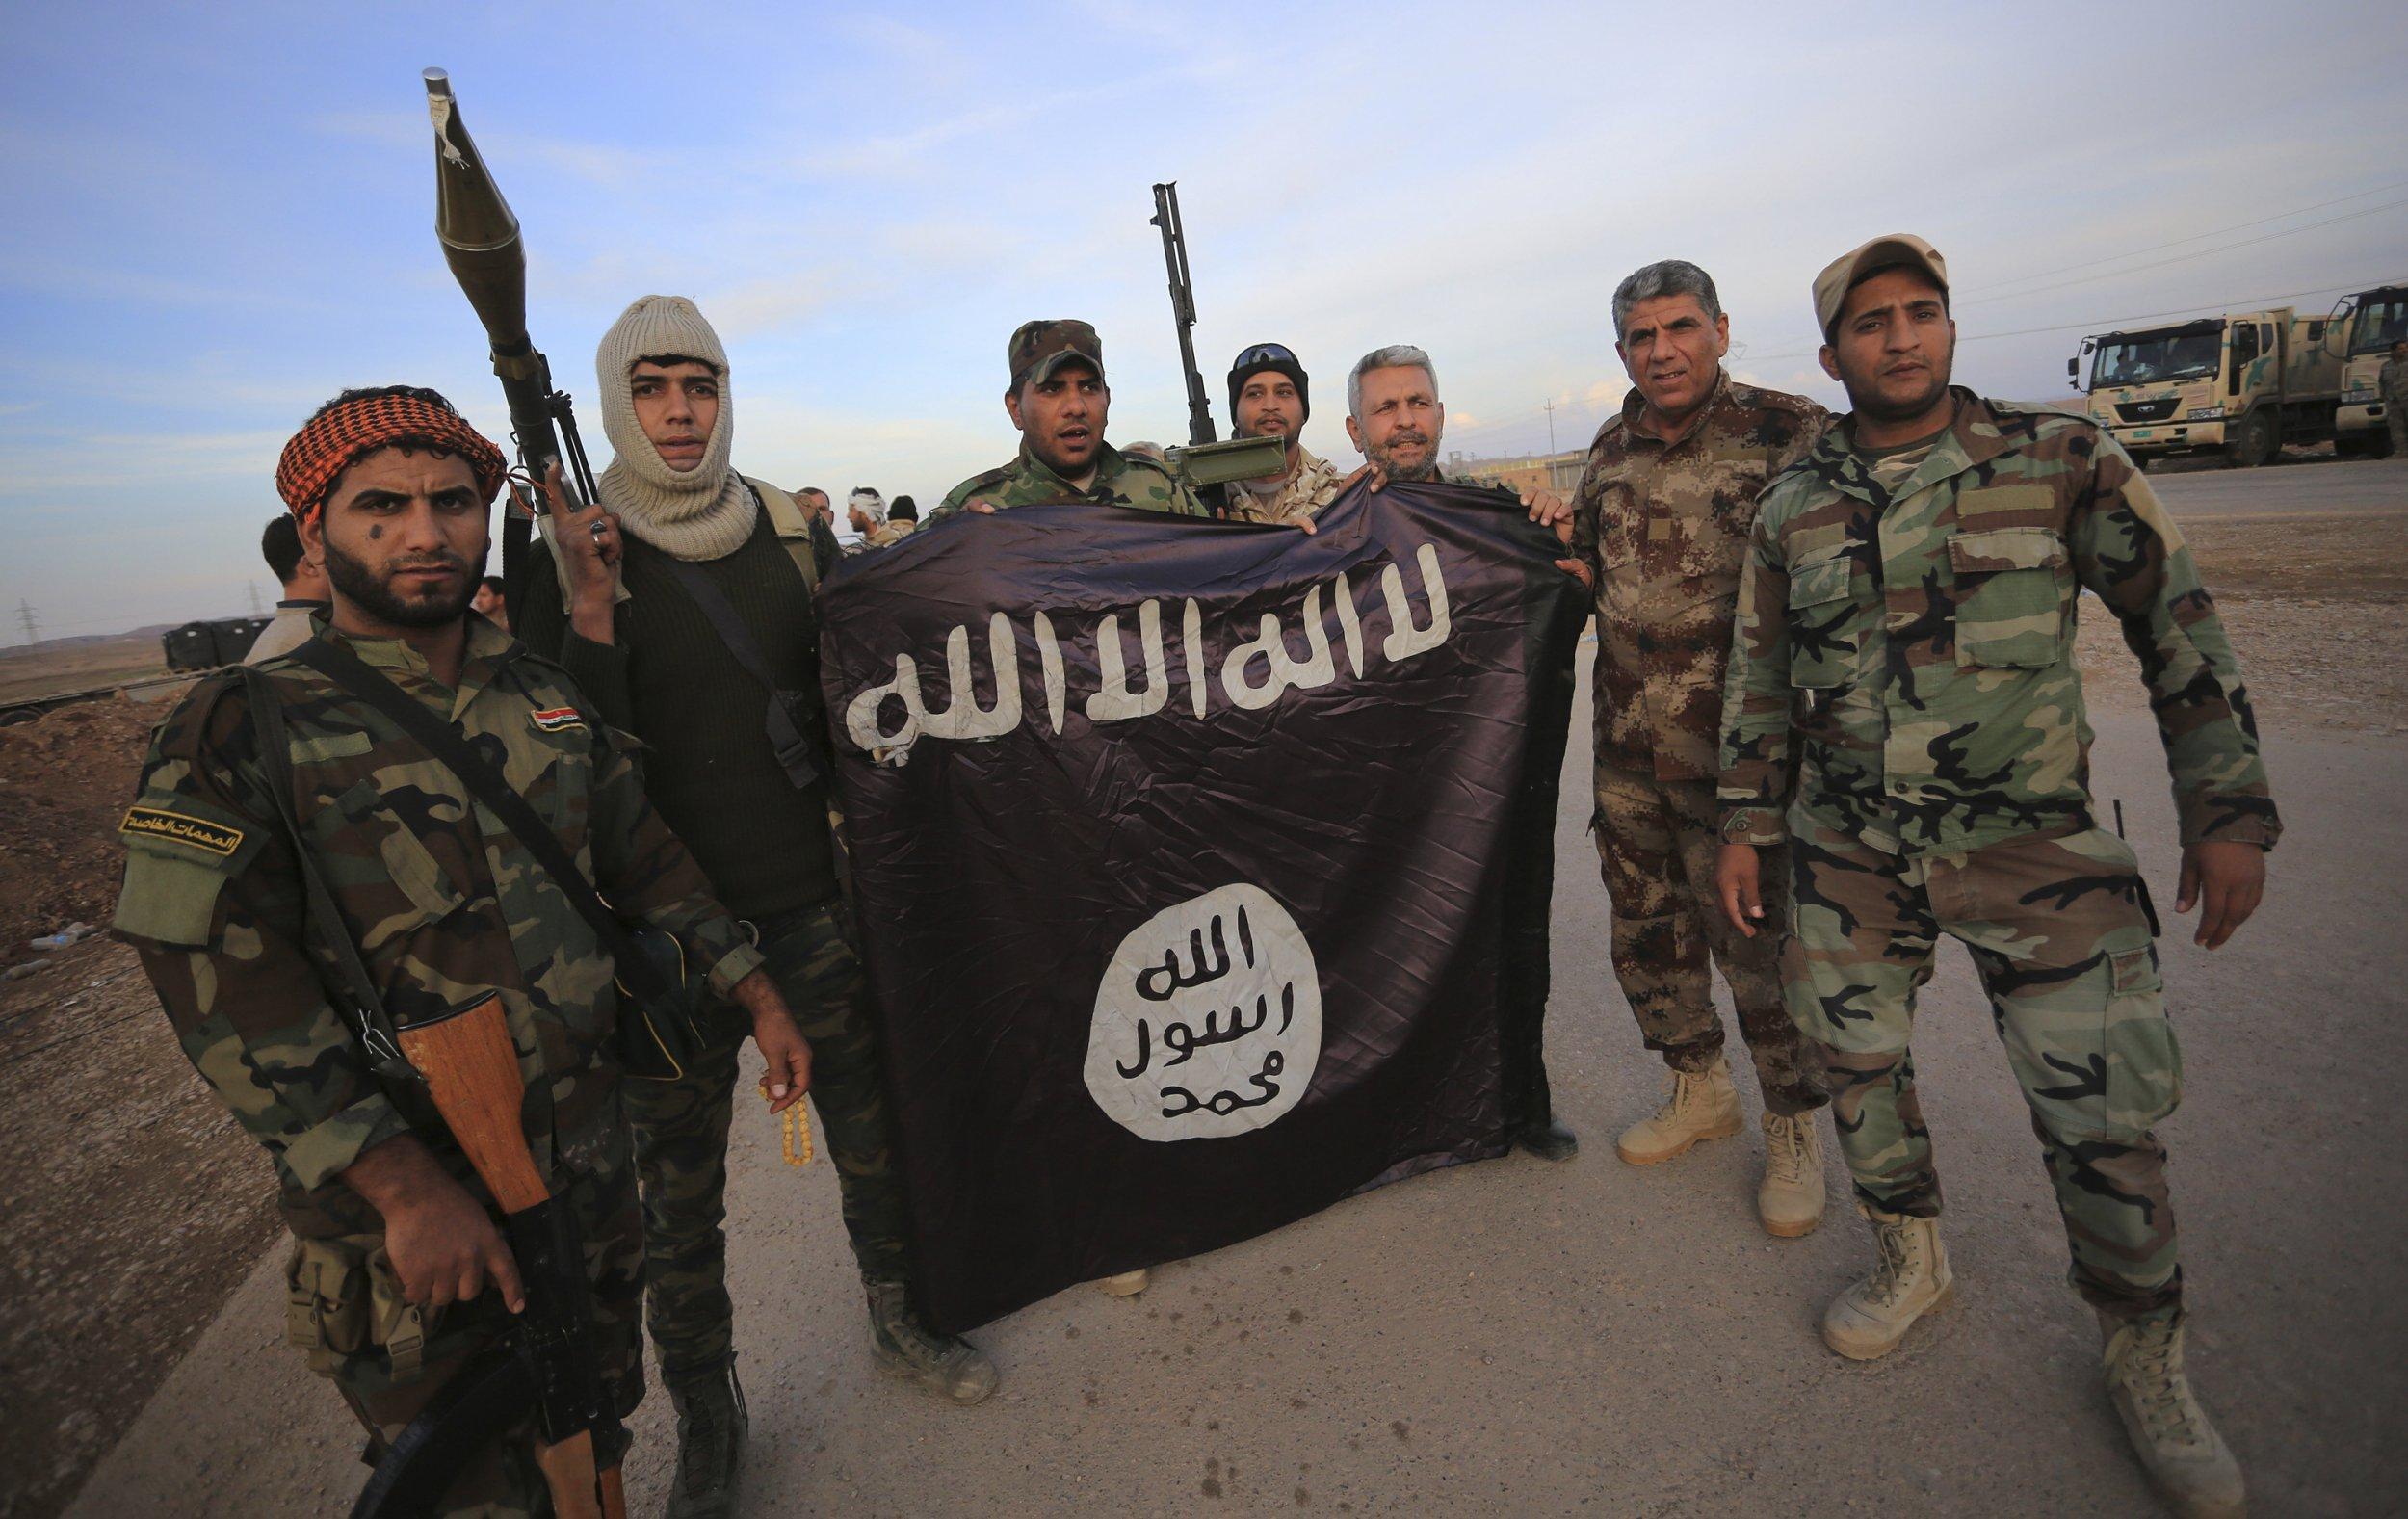 ISIS je zpět – popravy, mučení a zakládání buněk po celém světě (video jen pro silné povahy!!)